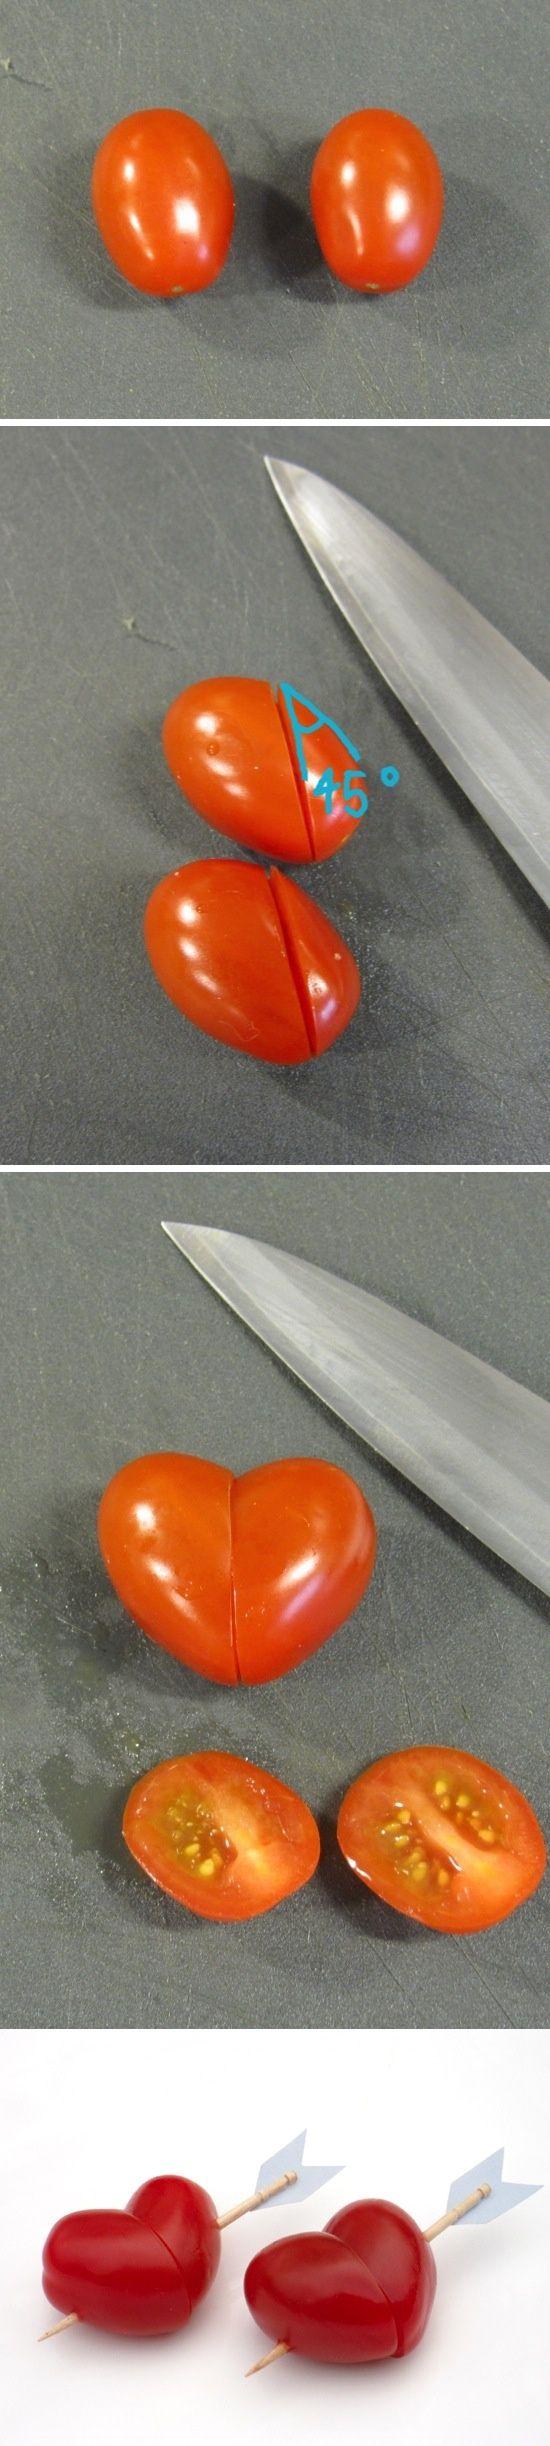 Tomatenherzen - ev. noch ein Stück Mozarella dazwischen - oder auf einer Scheibe Mozarella mit einem Blatt Basilikum angerichtet - sicher ein Hingucker!